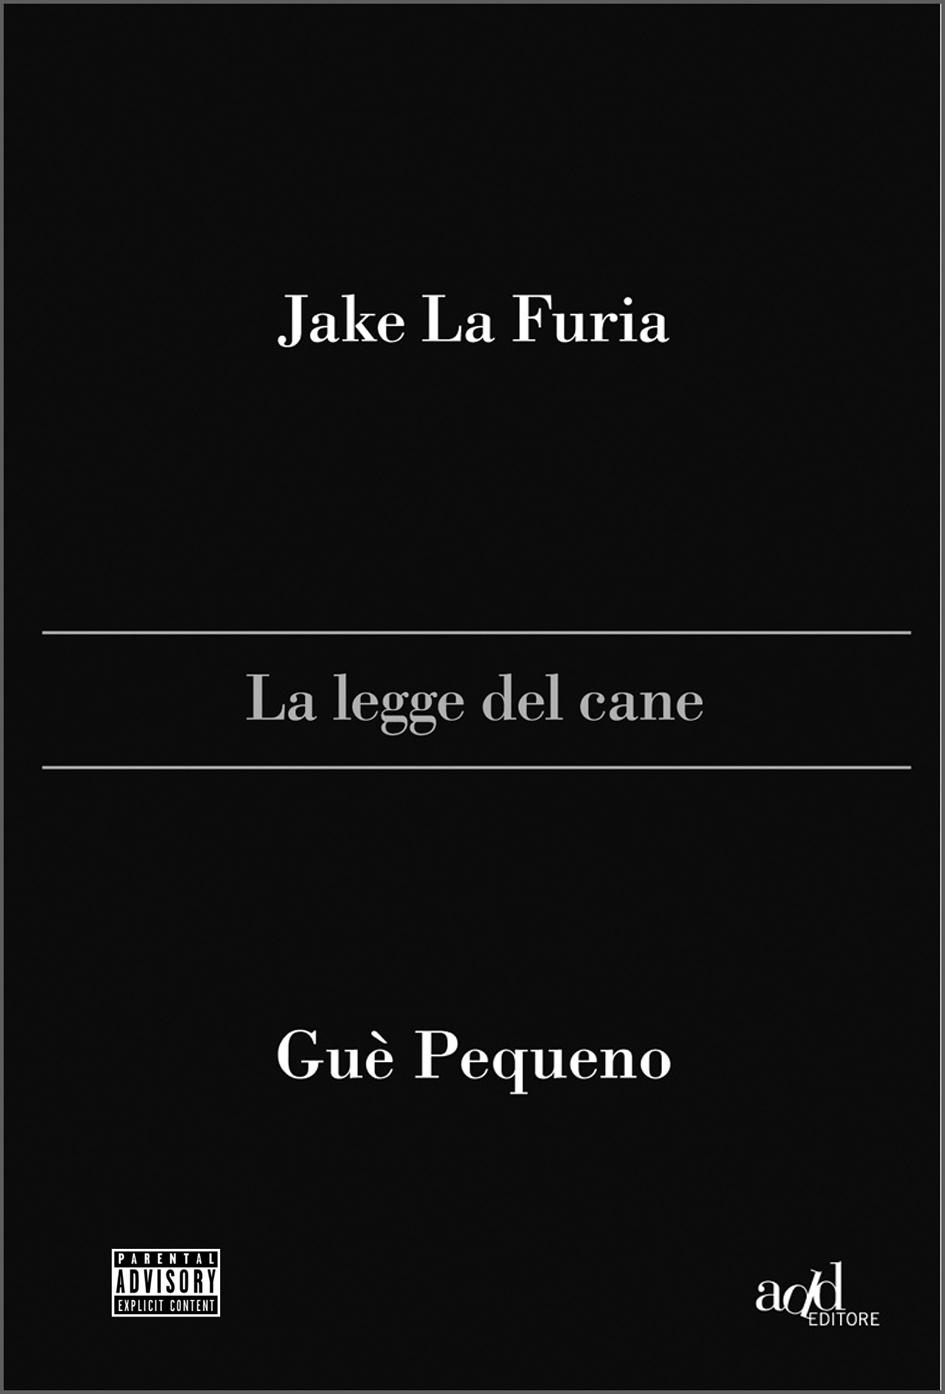 Jake La Furia ∙ Guè Pequeno – La legge del cane